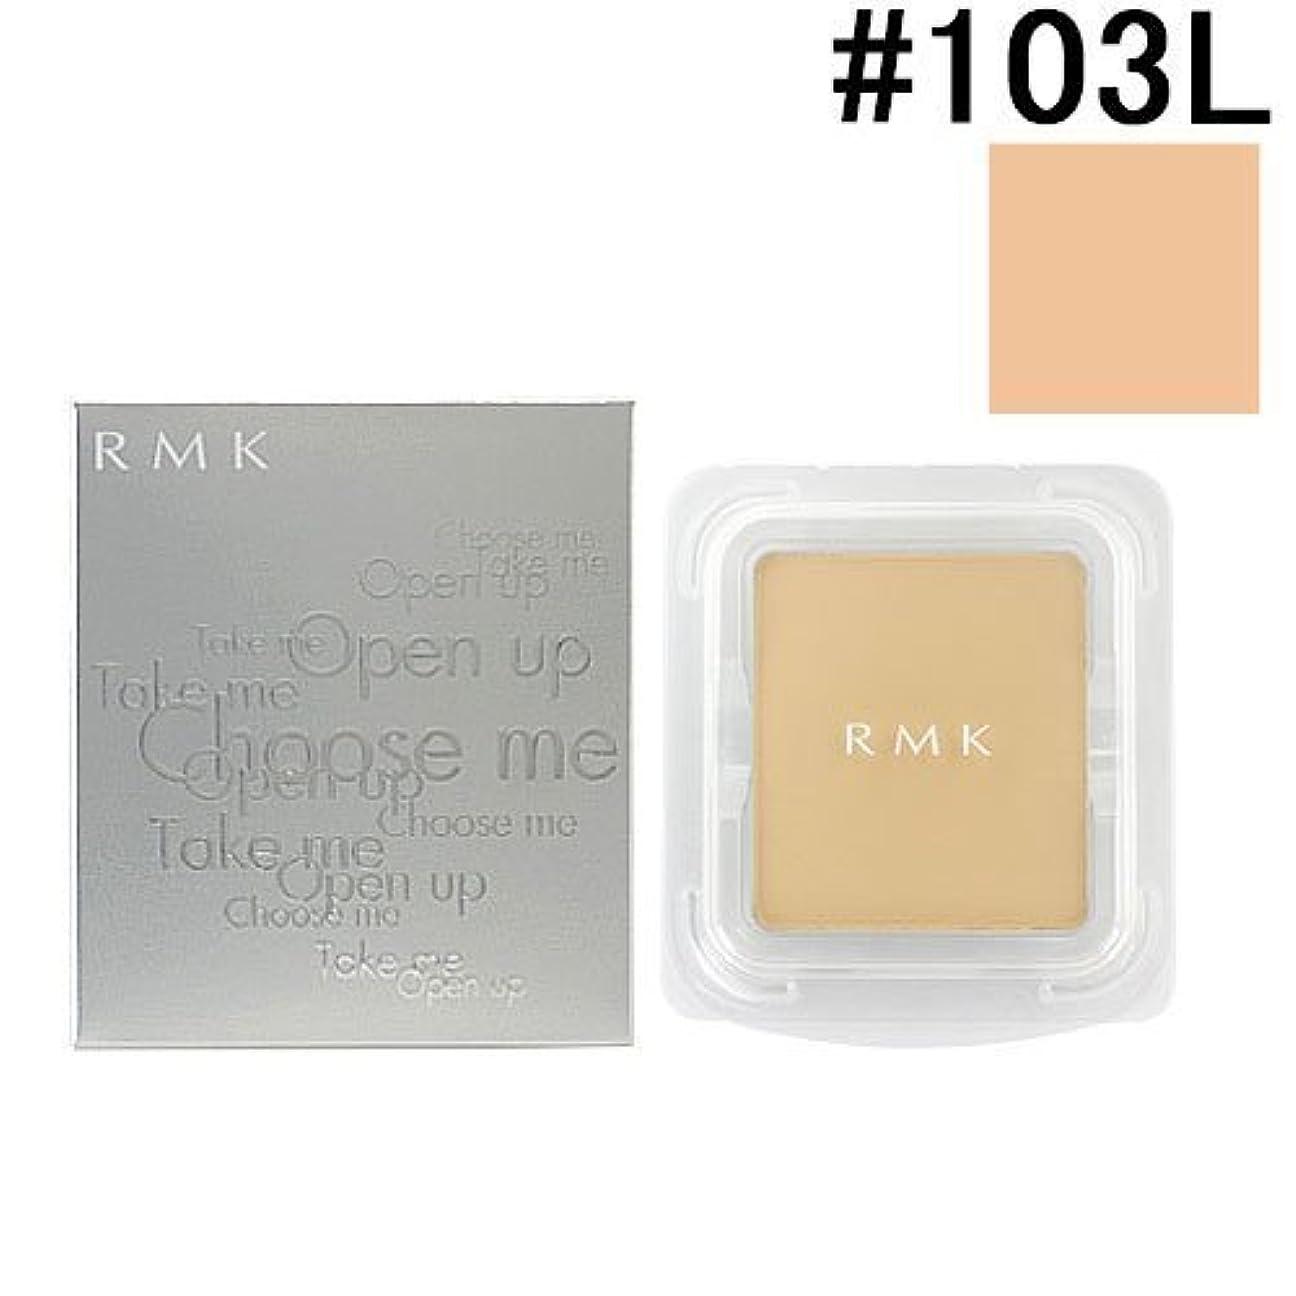 アロング暗くする鼓舞するRMK アールエムケー エアリーパウダー ファンデーション (レフィル) #103L 10.5g [並行輸入品]